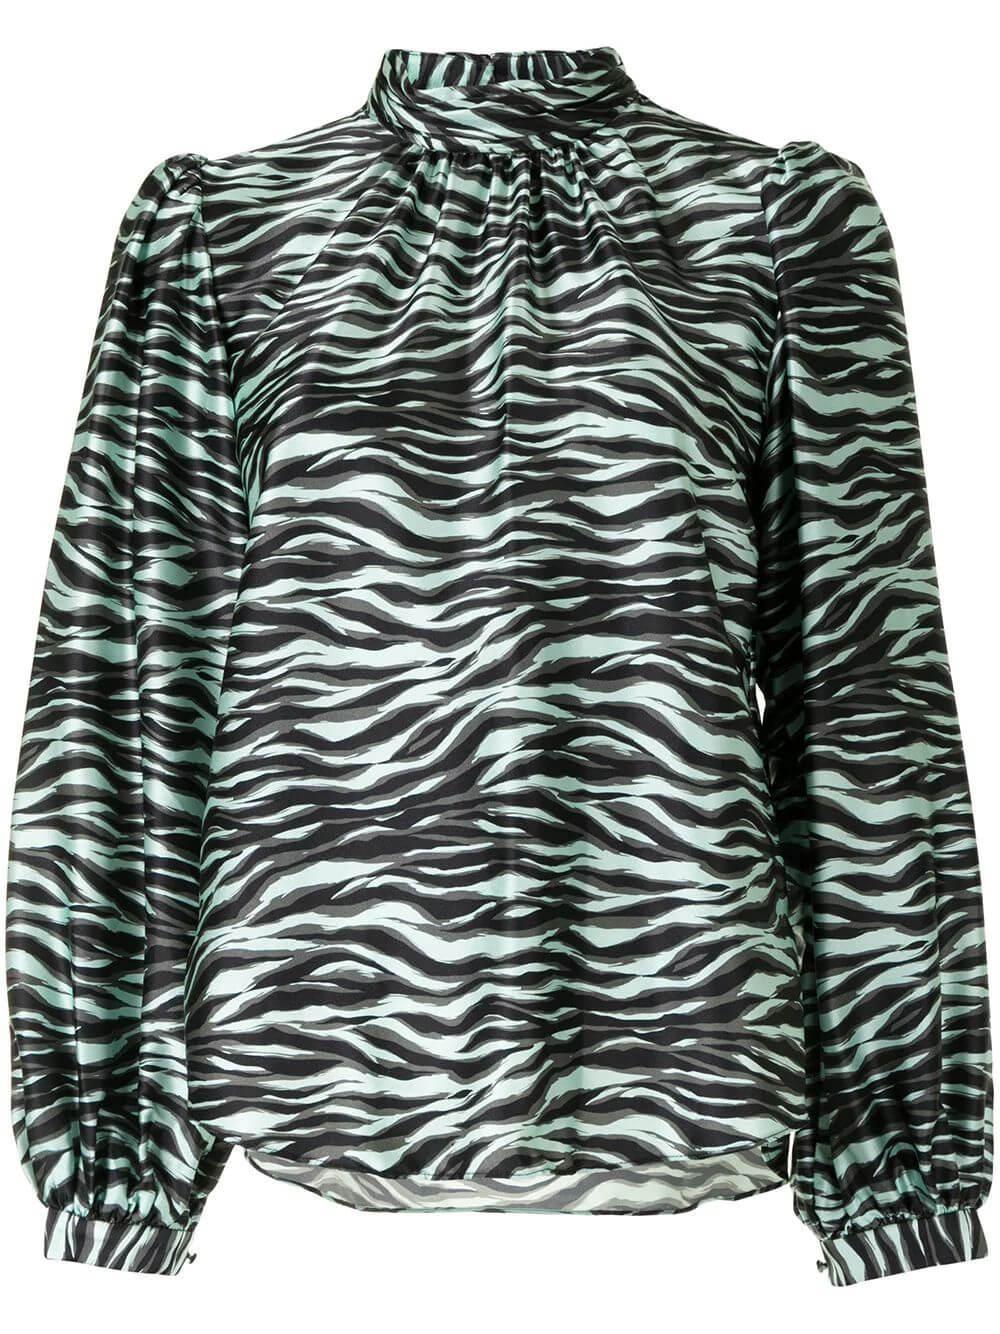 Jordan Zebra Print Top